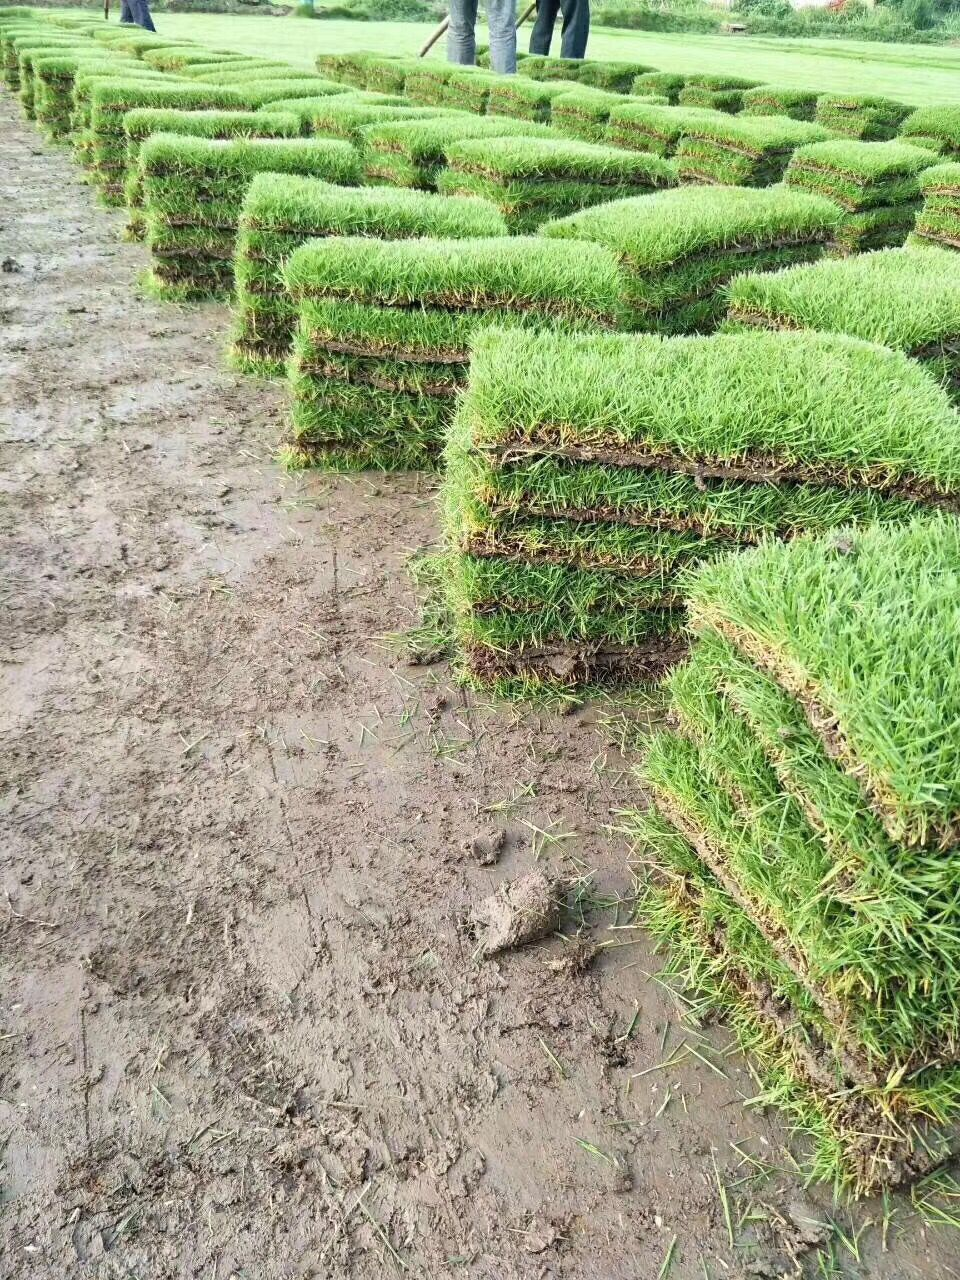 济南百慕大草坪出售_百慕大草坪种子相关-句容市后白镇绿叶青草坪种植基地